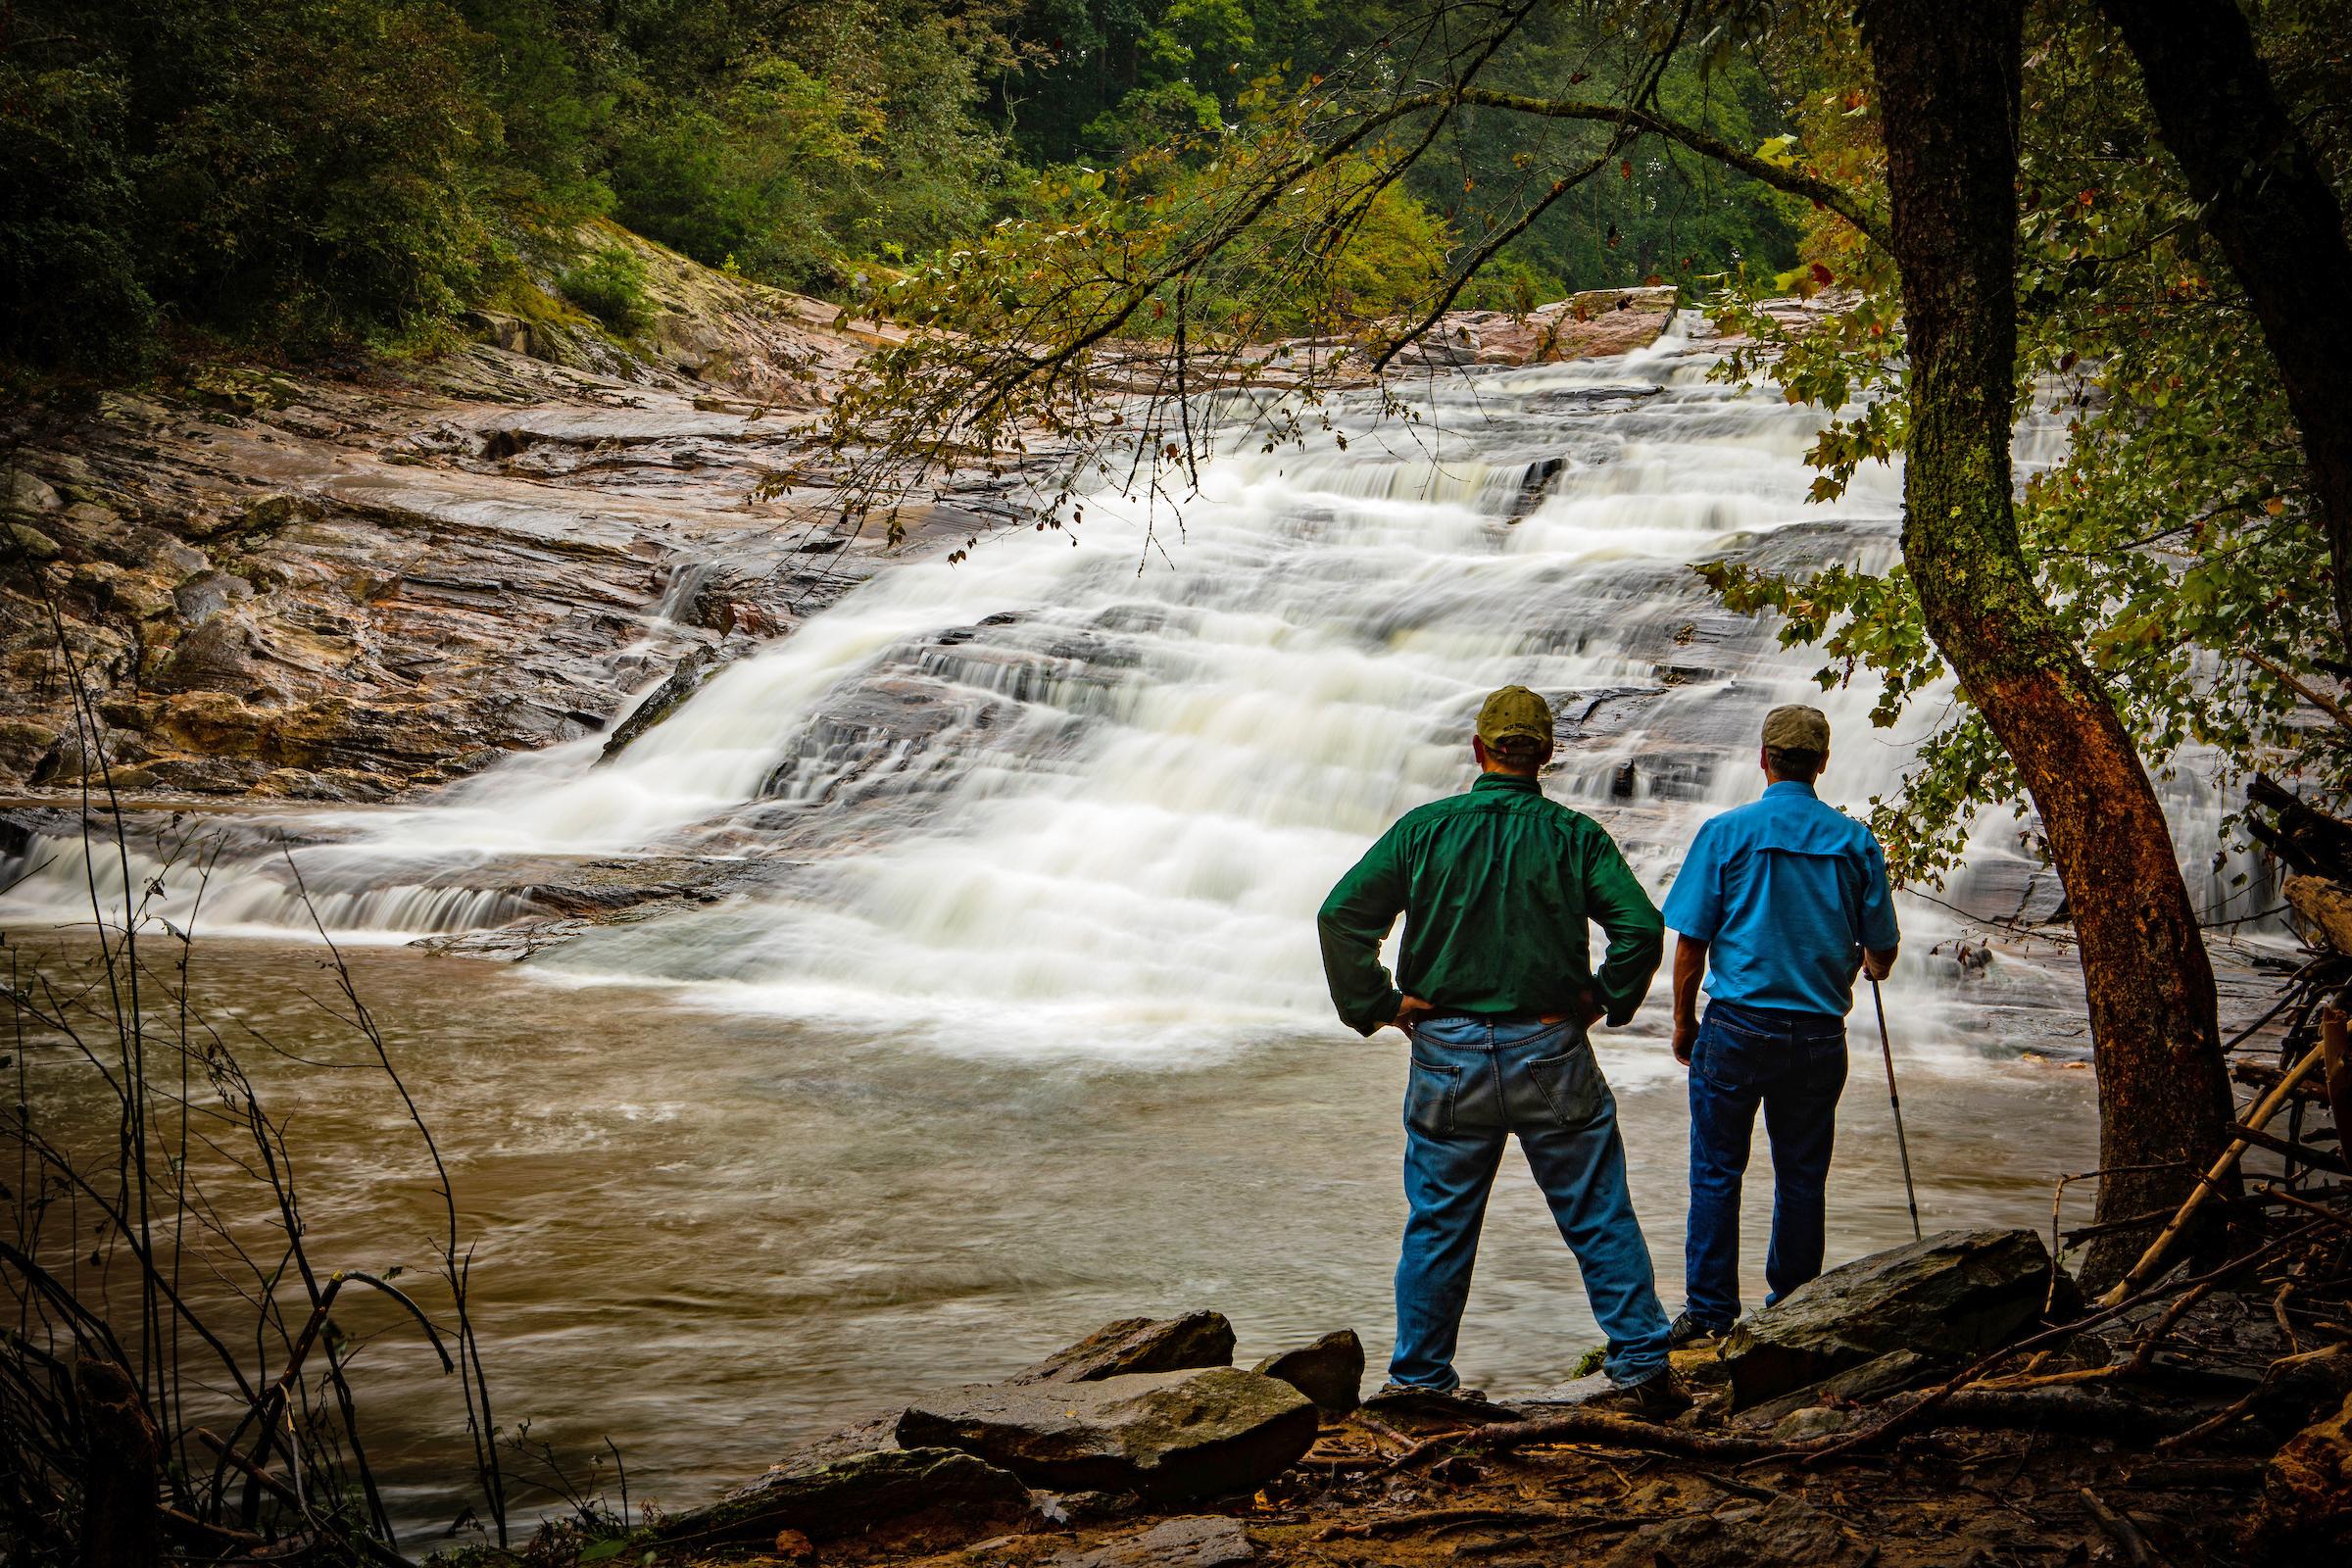 Carter Falls Photo by Sam Dean